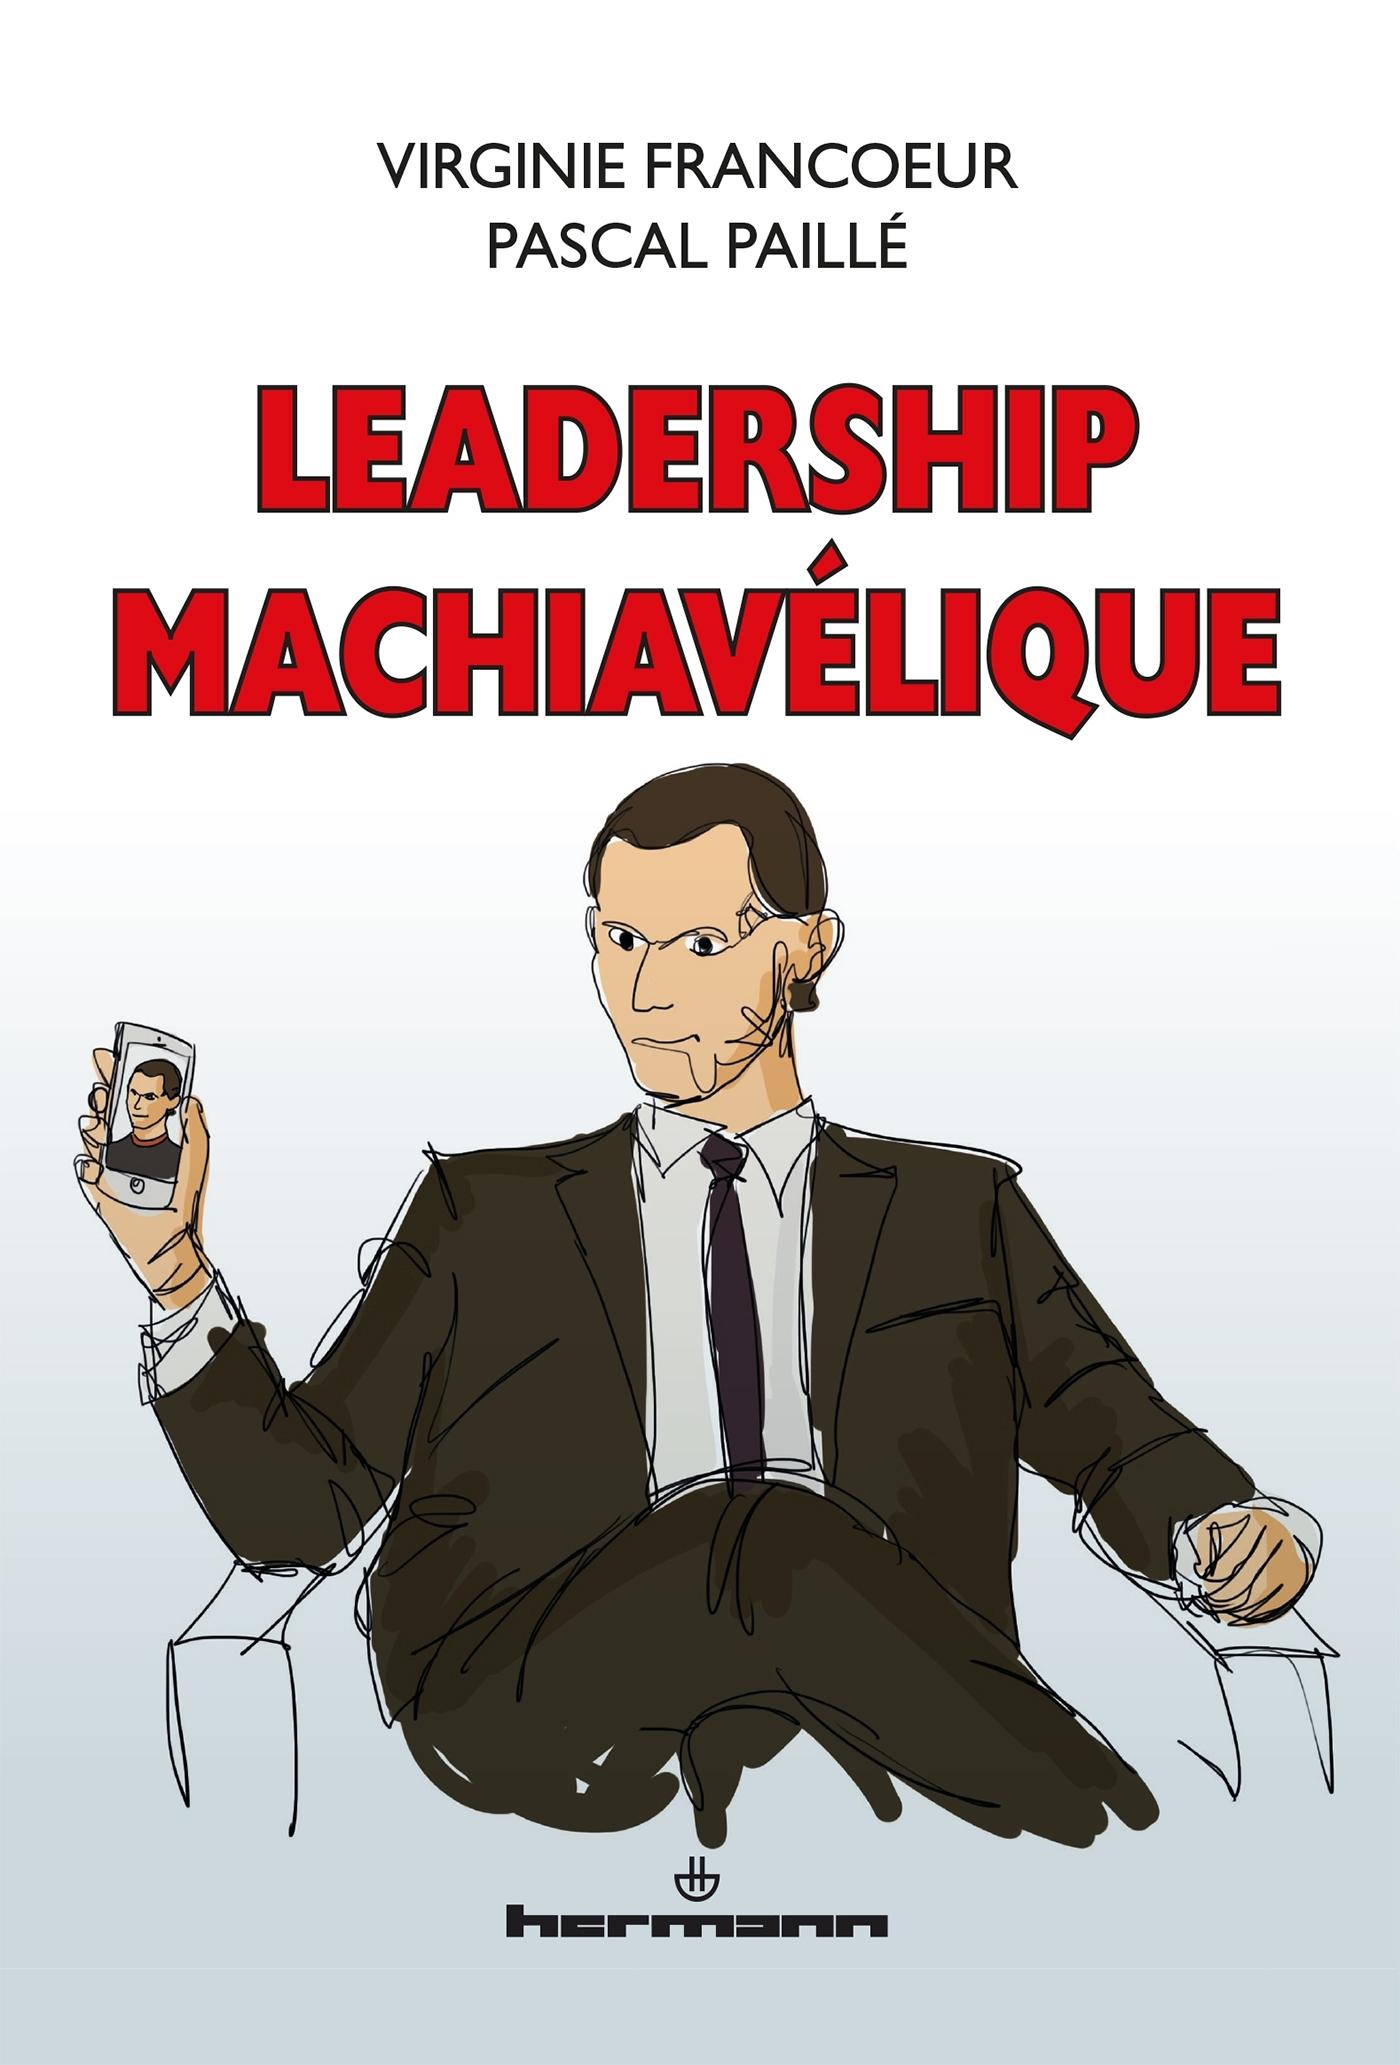 LEADERSHIP MACHIAVELIQUE